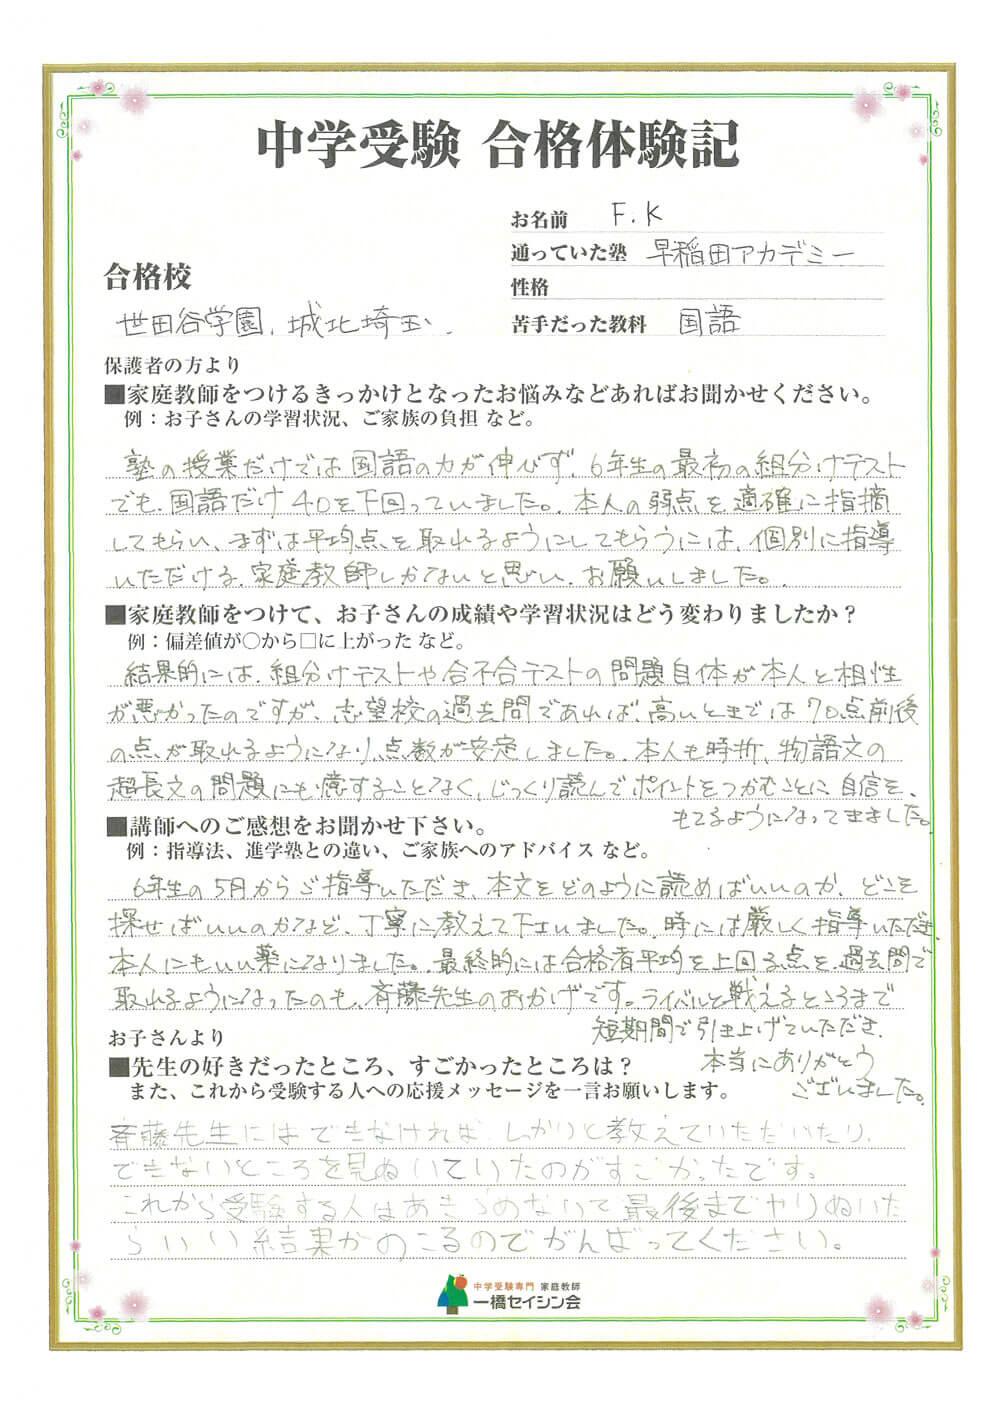 実績 合格 早稲田 アカデミー